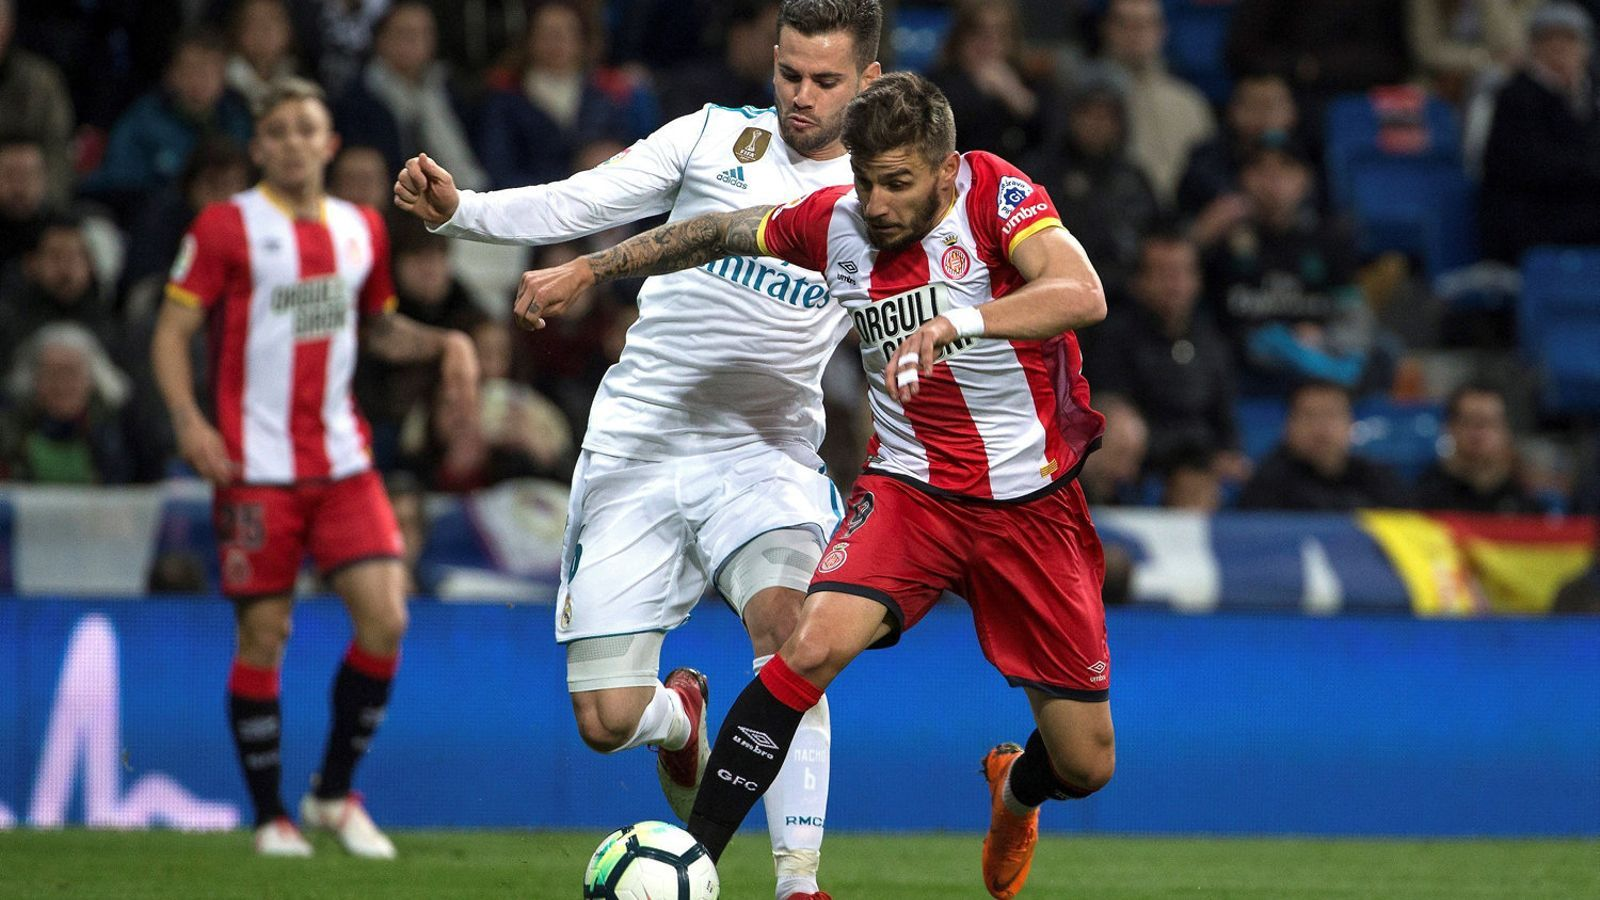 Portu conduint la pilota mentre és perseguit pel defensa del Reial Madrid Nacho, ahir al Santiago Bernabéu.